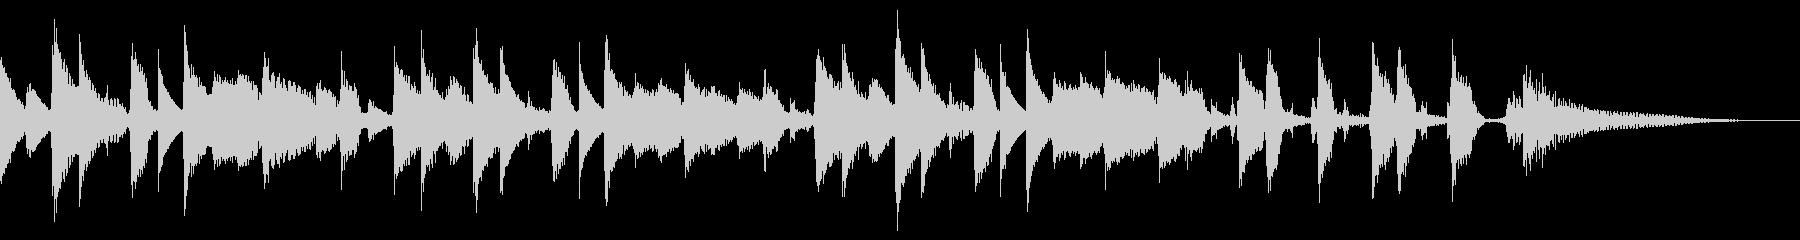 【ジングル/15秒】ほのぼのボサノバの未再生の波形